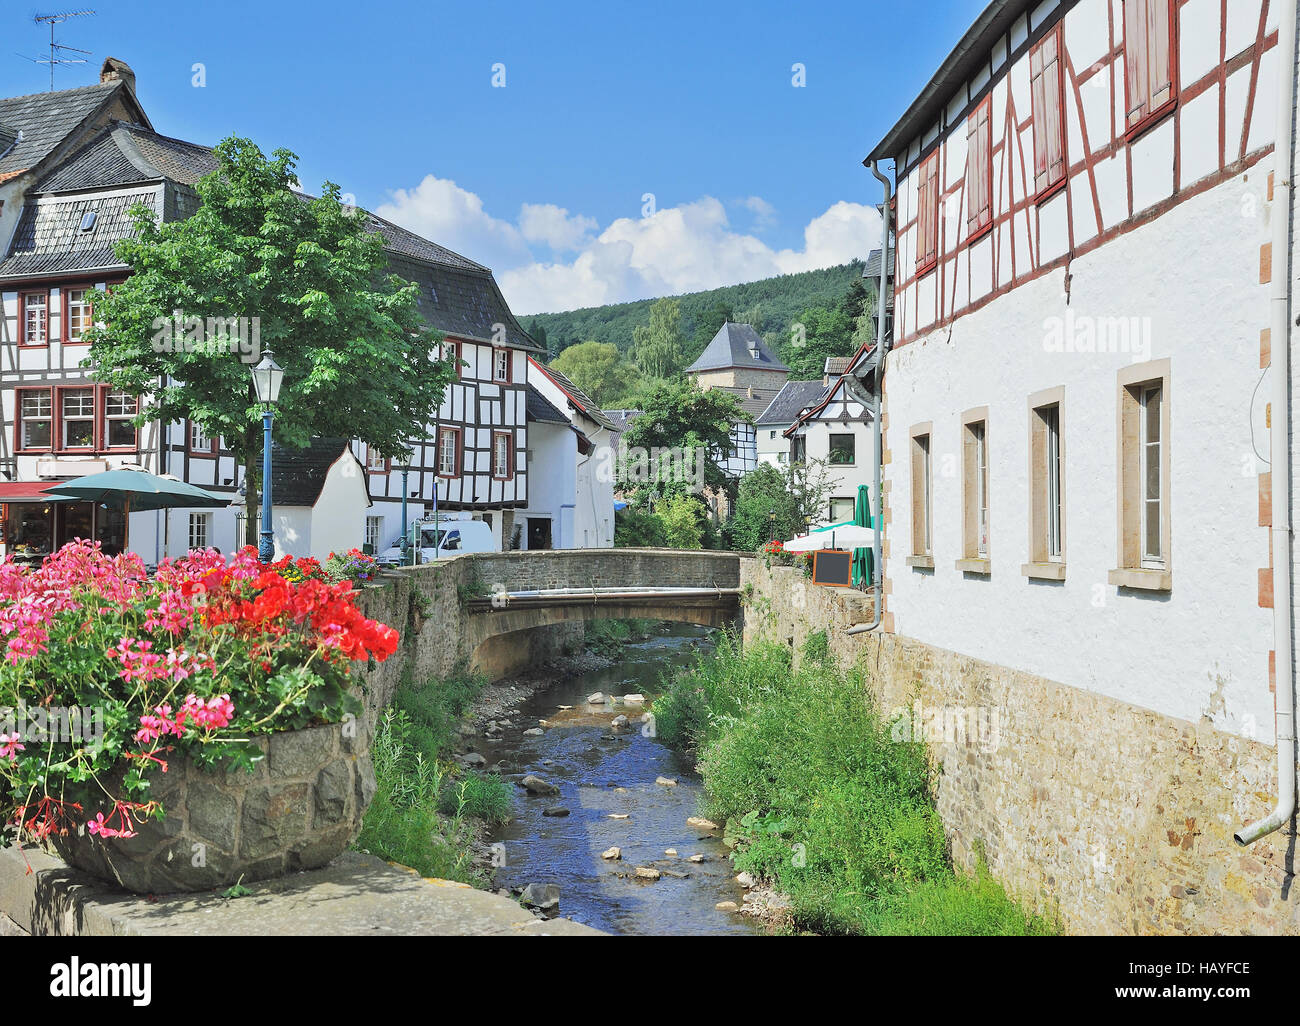 Bad Muenstereifel,Eifel Region,Germany   Stock Image